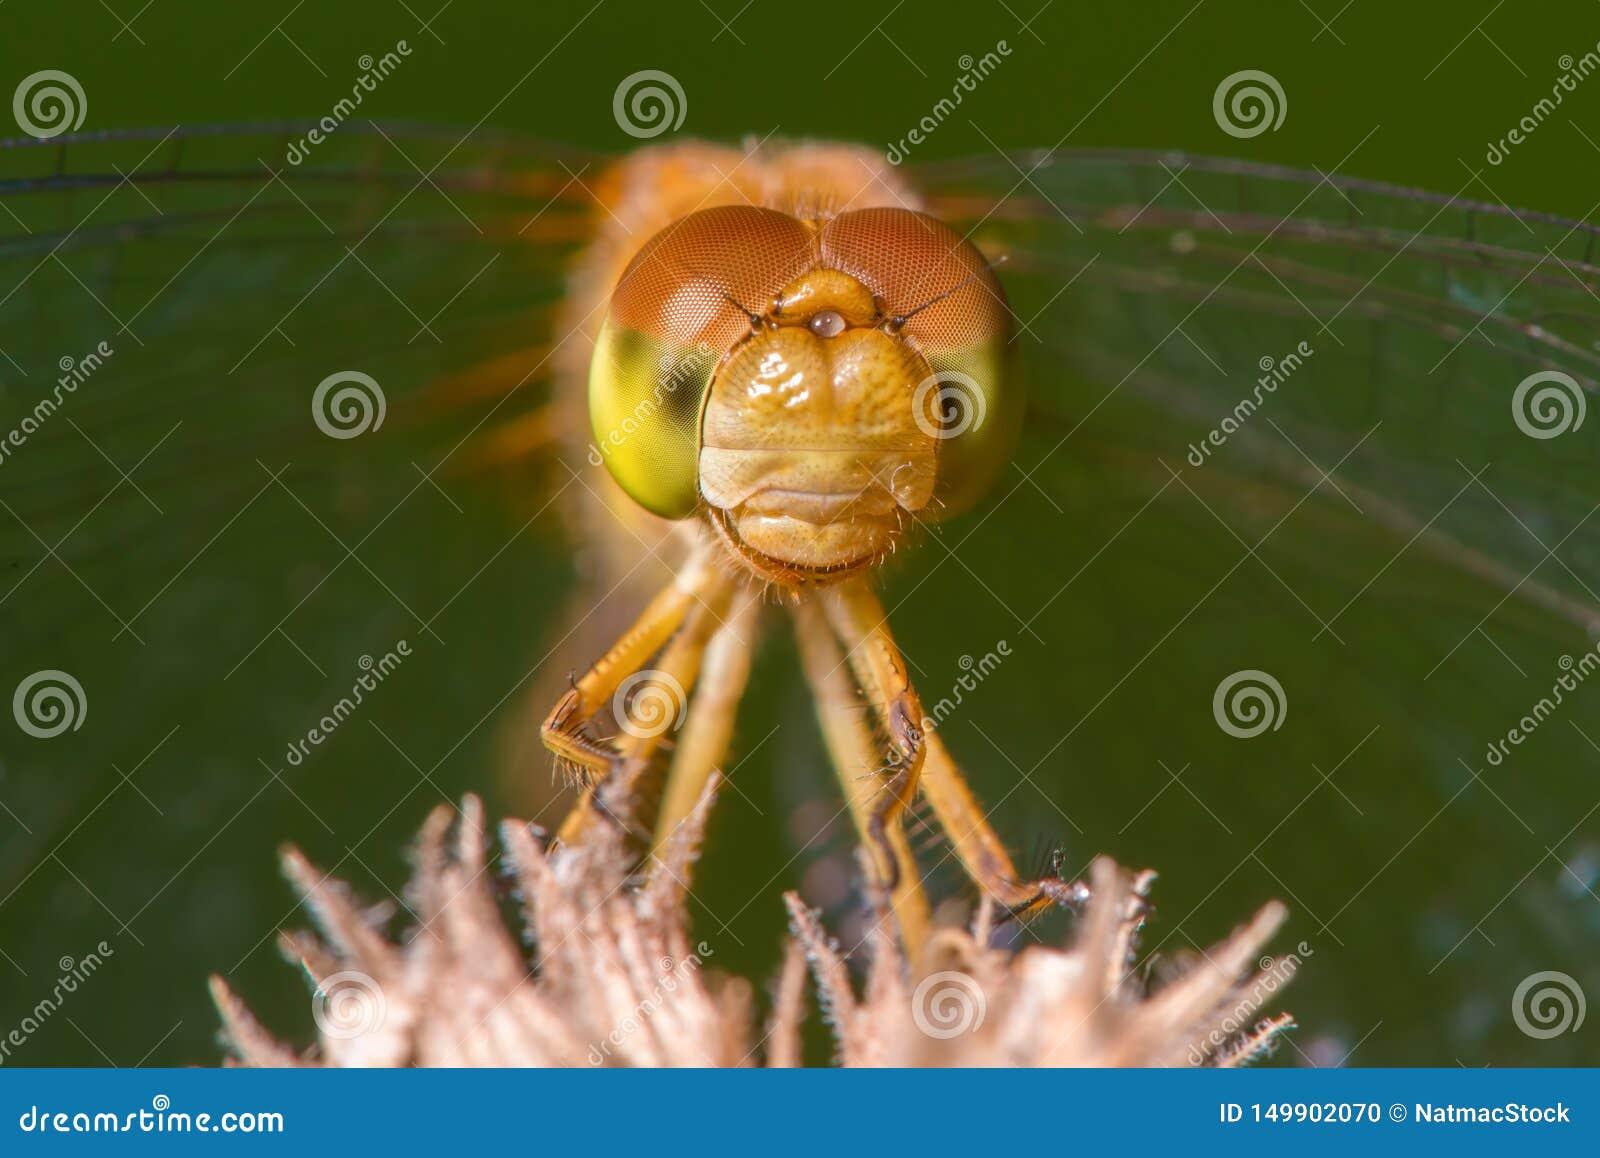 Gatunki brać przy Drewnianym Jeziornym natury centrum w Minnestoa meadowhawk dragonfly - krańcowy zbliżenie twarz i oczy -